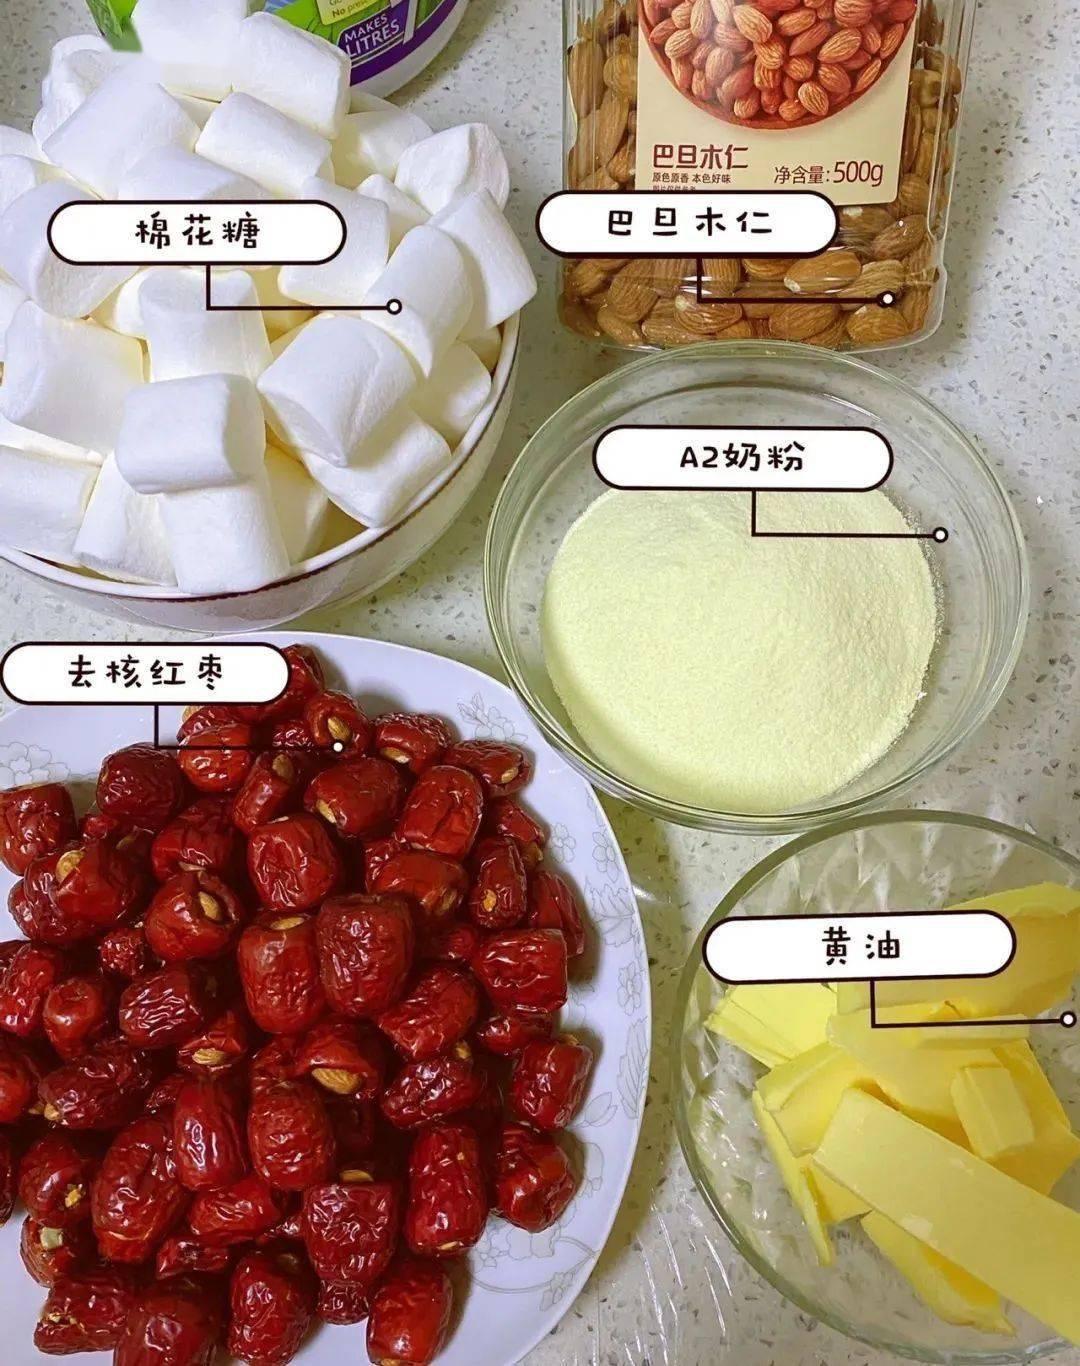 火遍全网的奶枣,原来做法这么简单,今年年货就做它了!